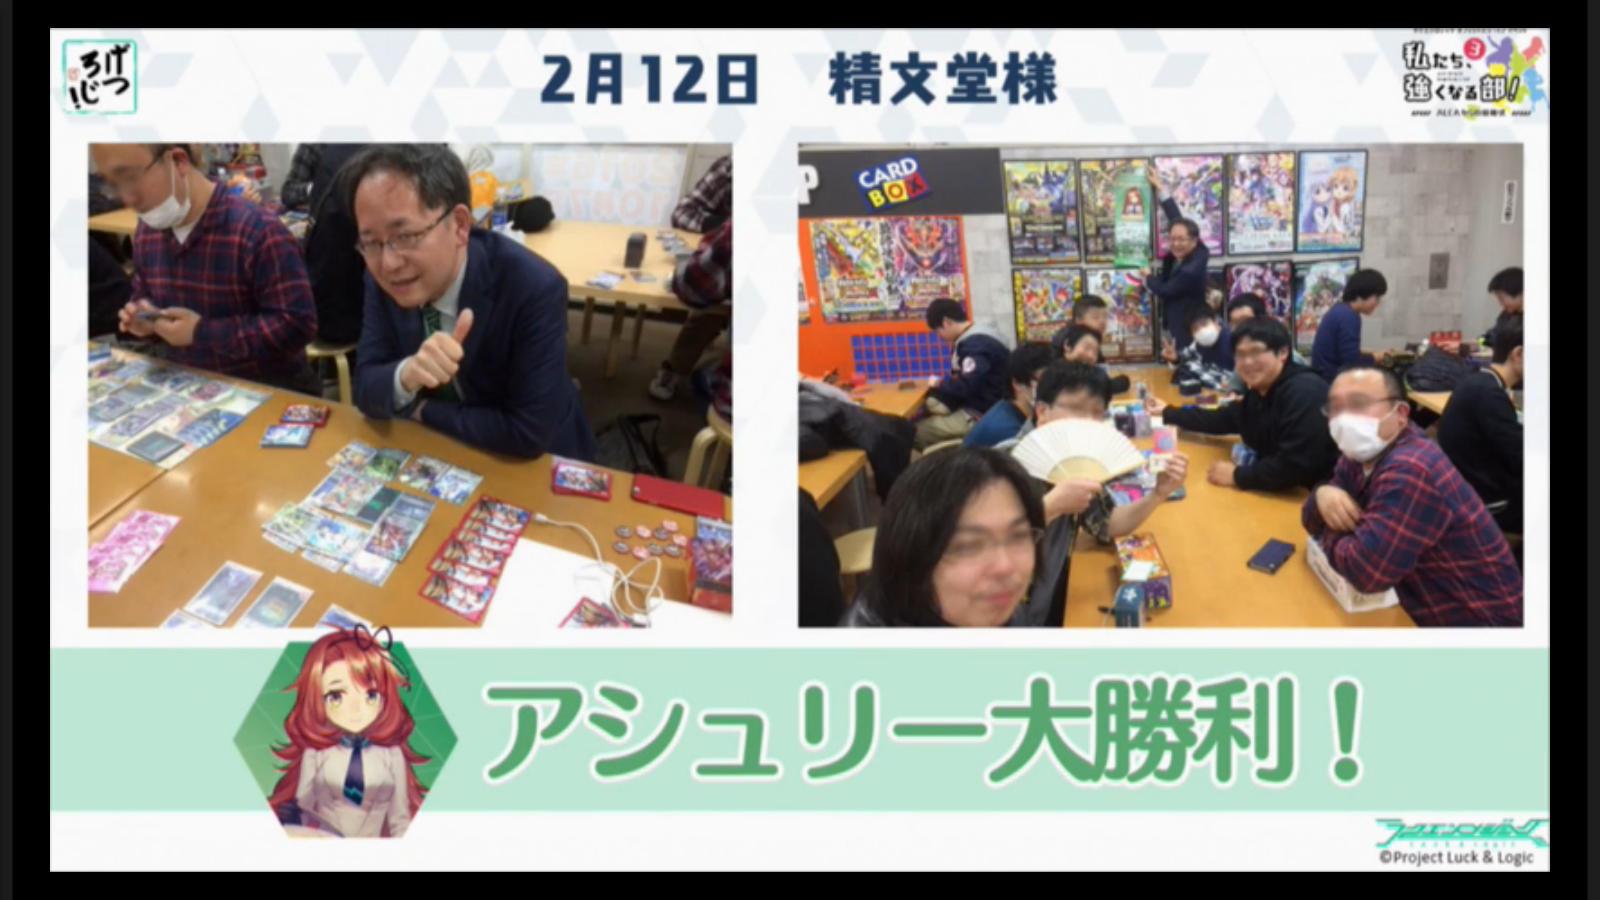 bshi-live-170220-004.jpg